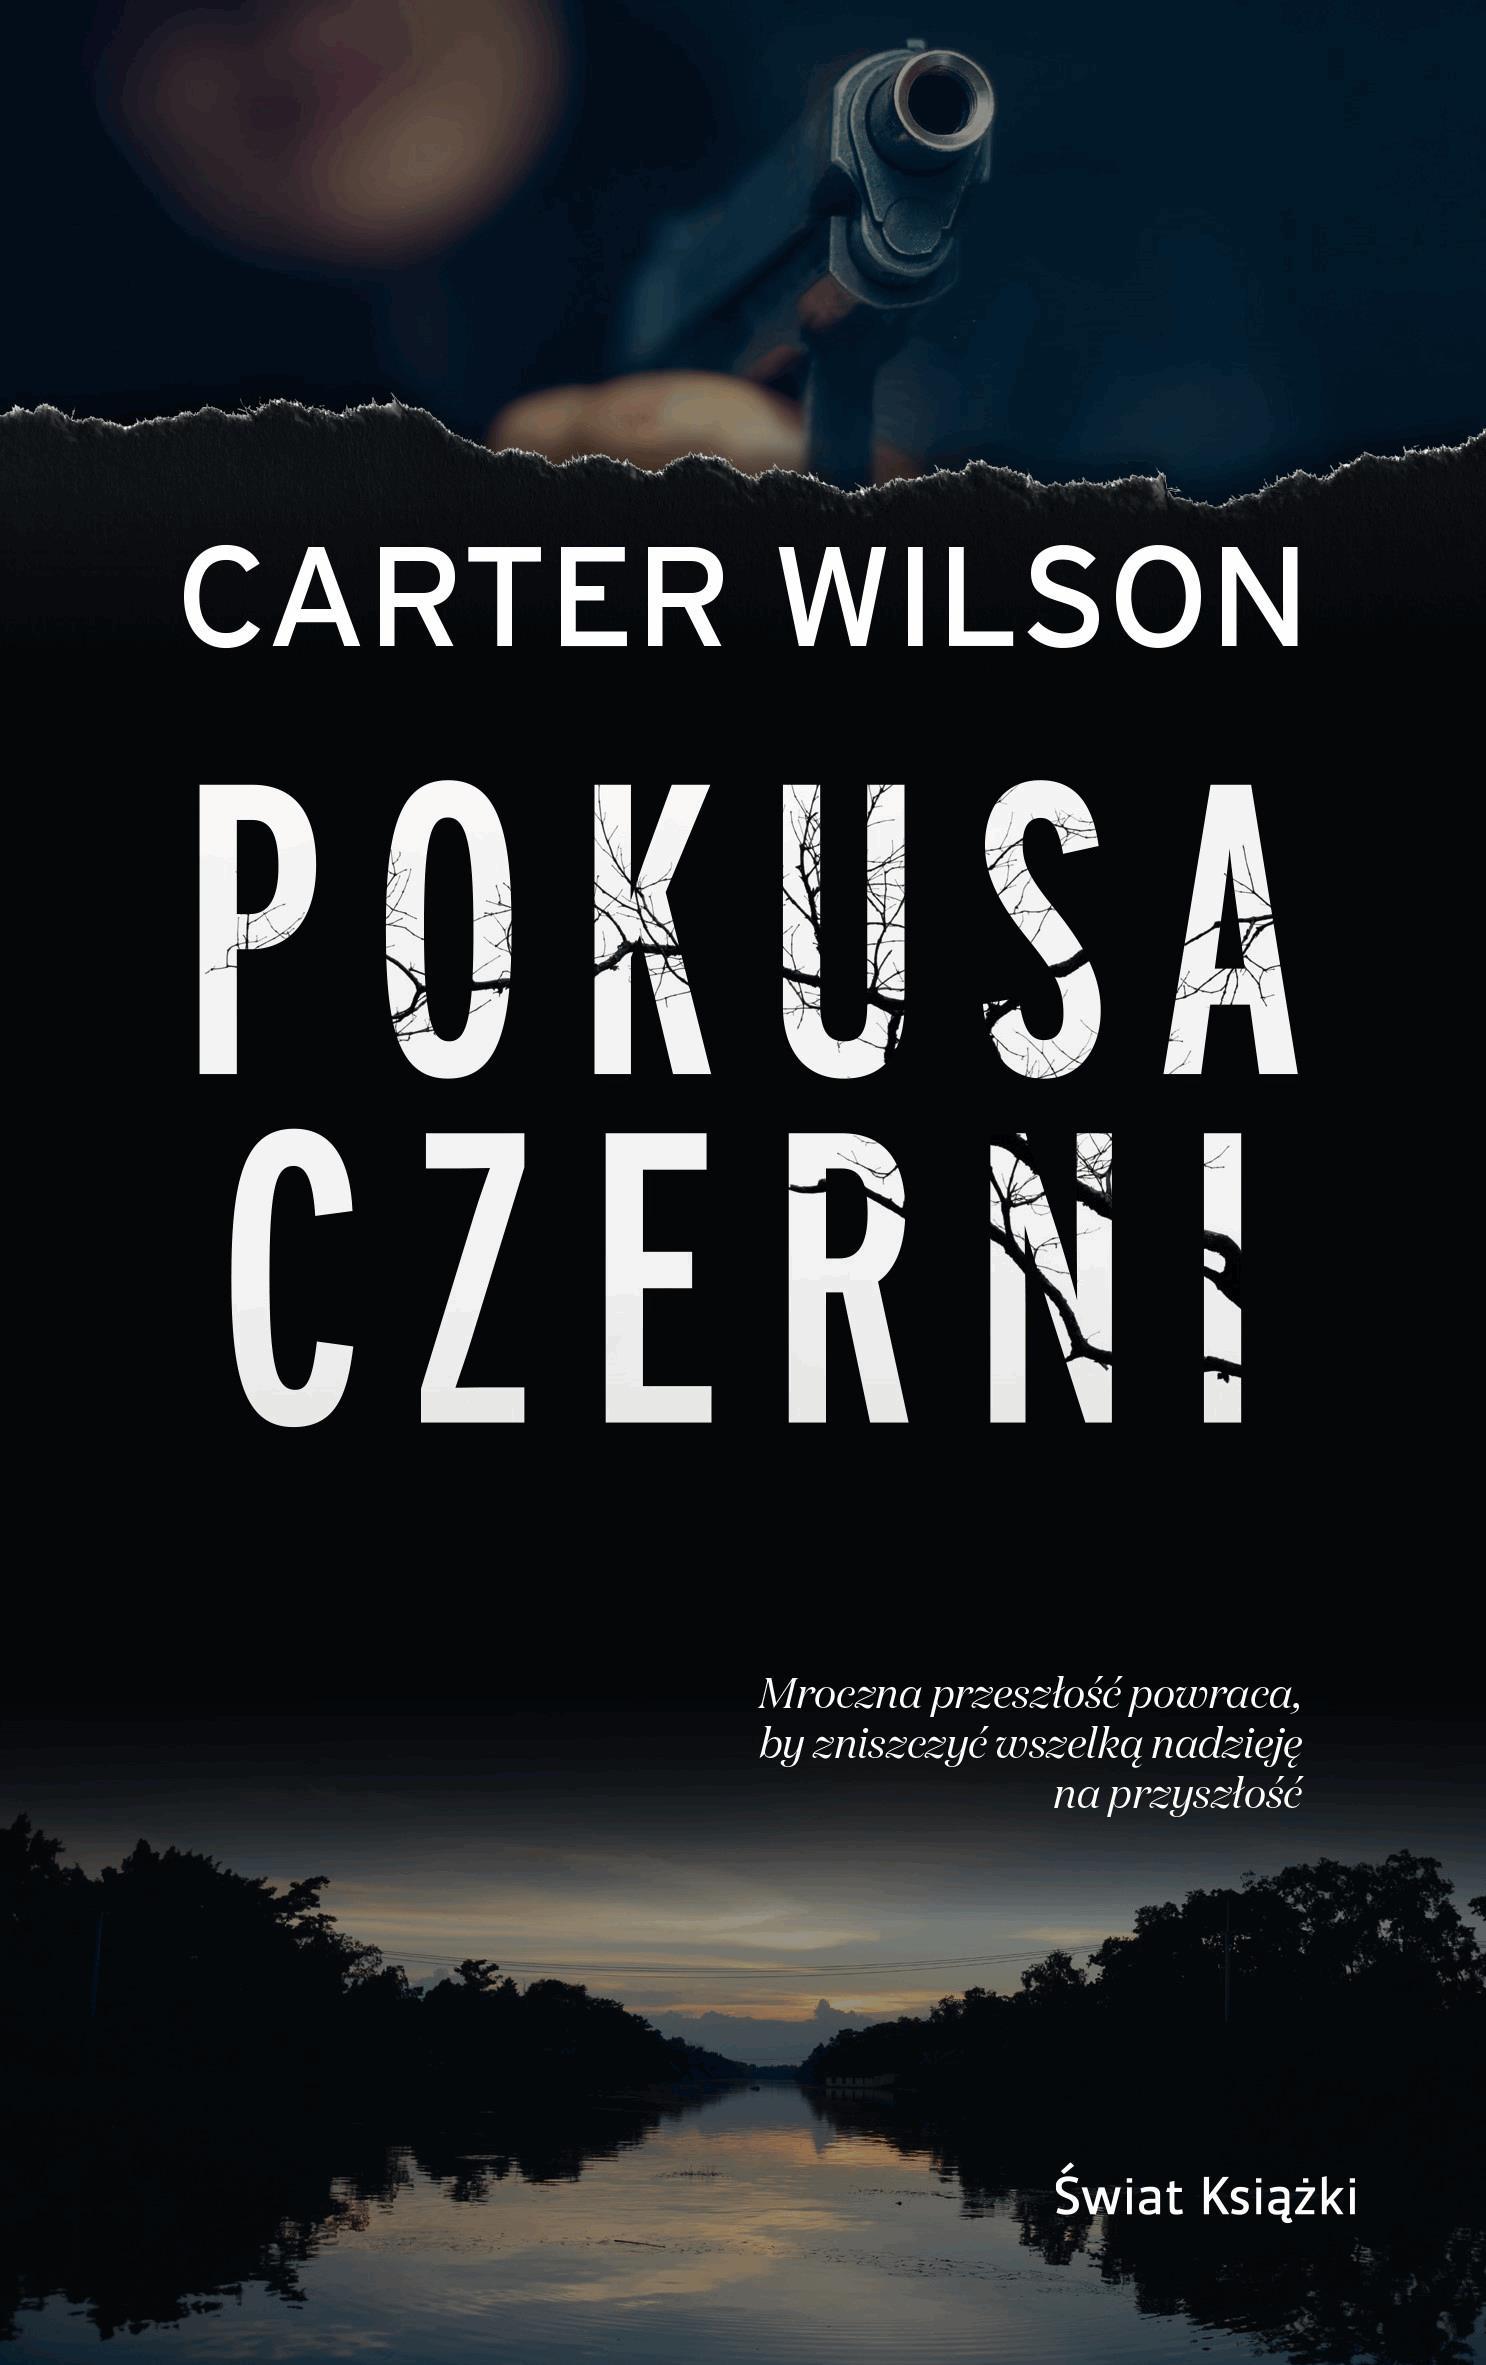 Pokusa czerni - Tylko w Legimi możesz przeczytać ten tytuł przez 7 dni za darmo. - Carter Wilson